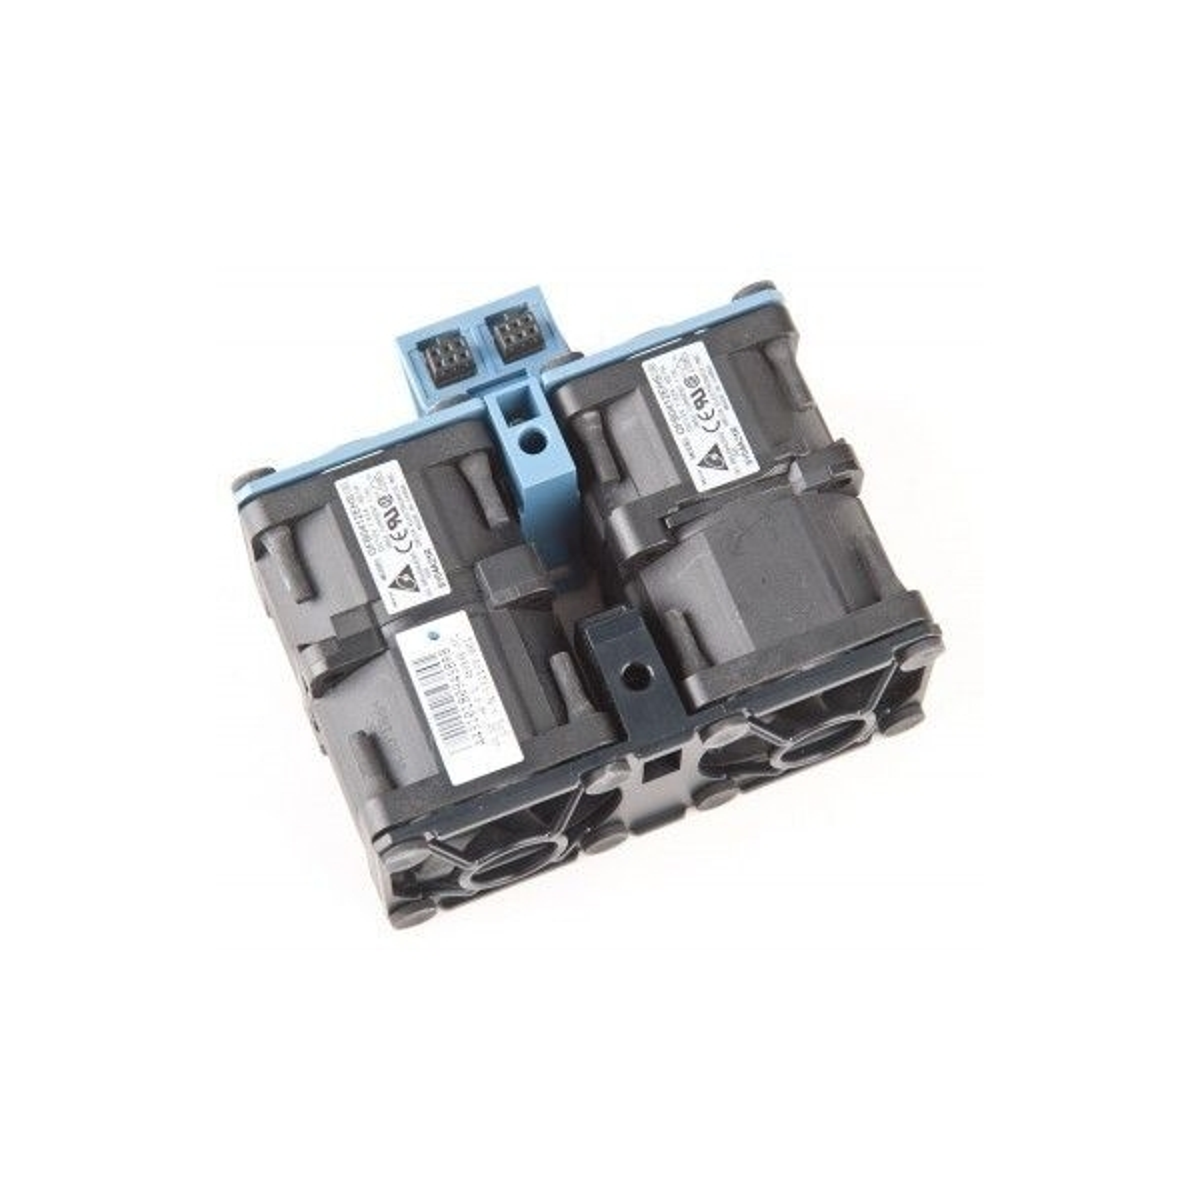 Ventilator / Fan - ProLiant DL360 G6 - G7 - 532149-001 - 1 - Ventilator (Fan) - 76,80lei